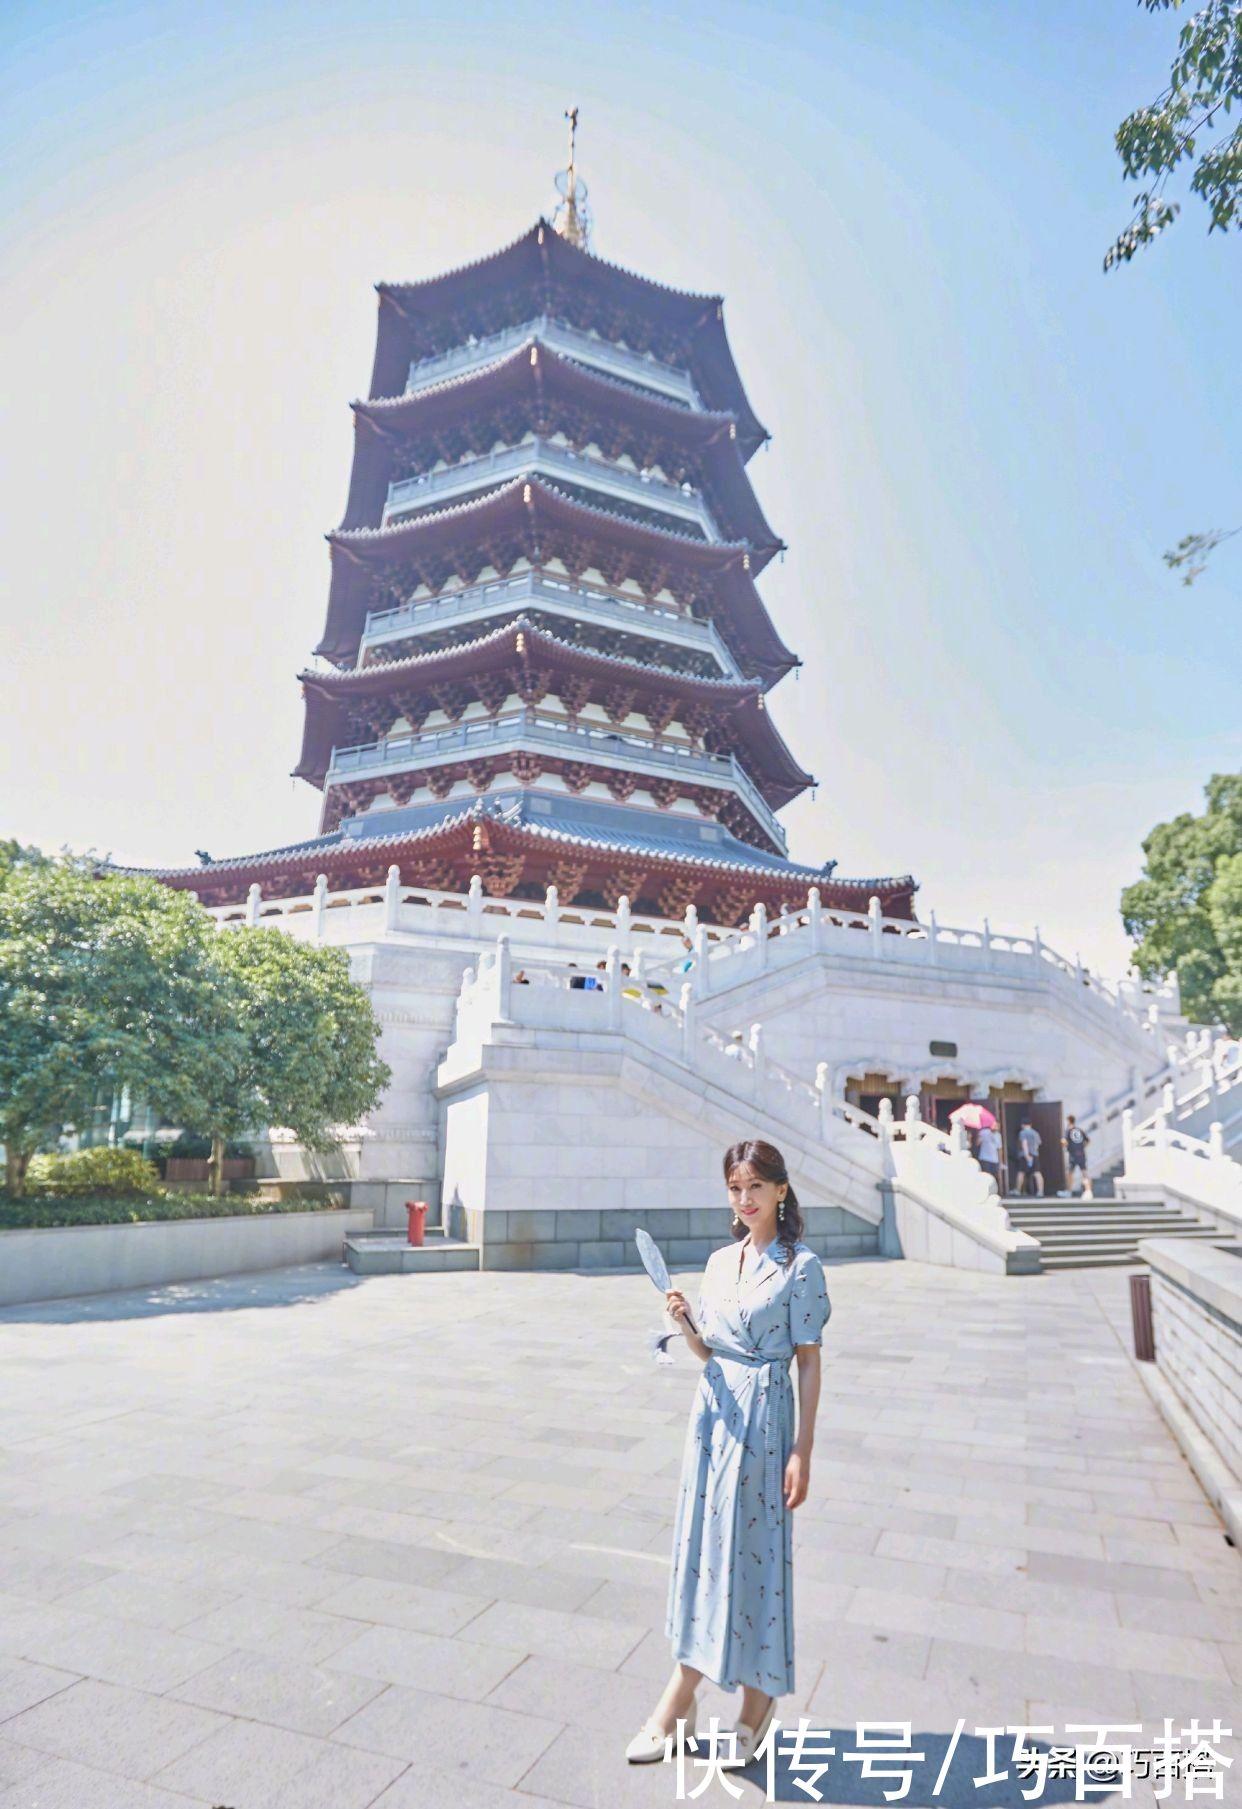 长裙|赵雅芝时隔29年重游雷峰塔,穿蓝色长裙手拿团扇,风采不减当年